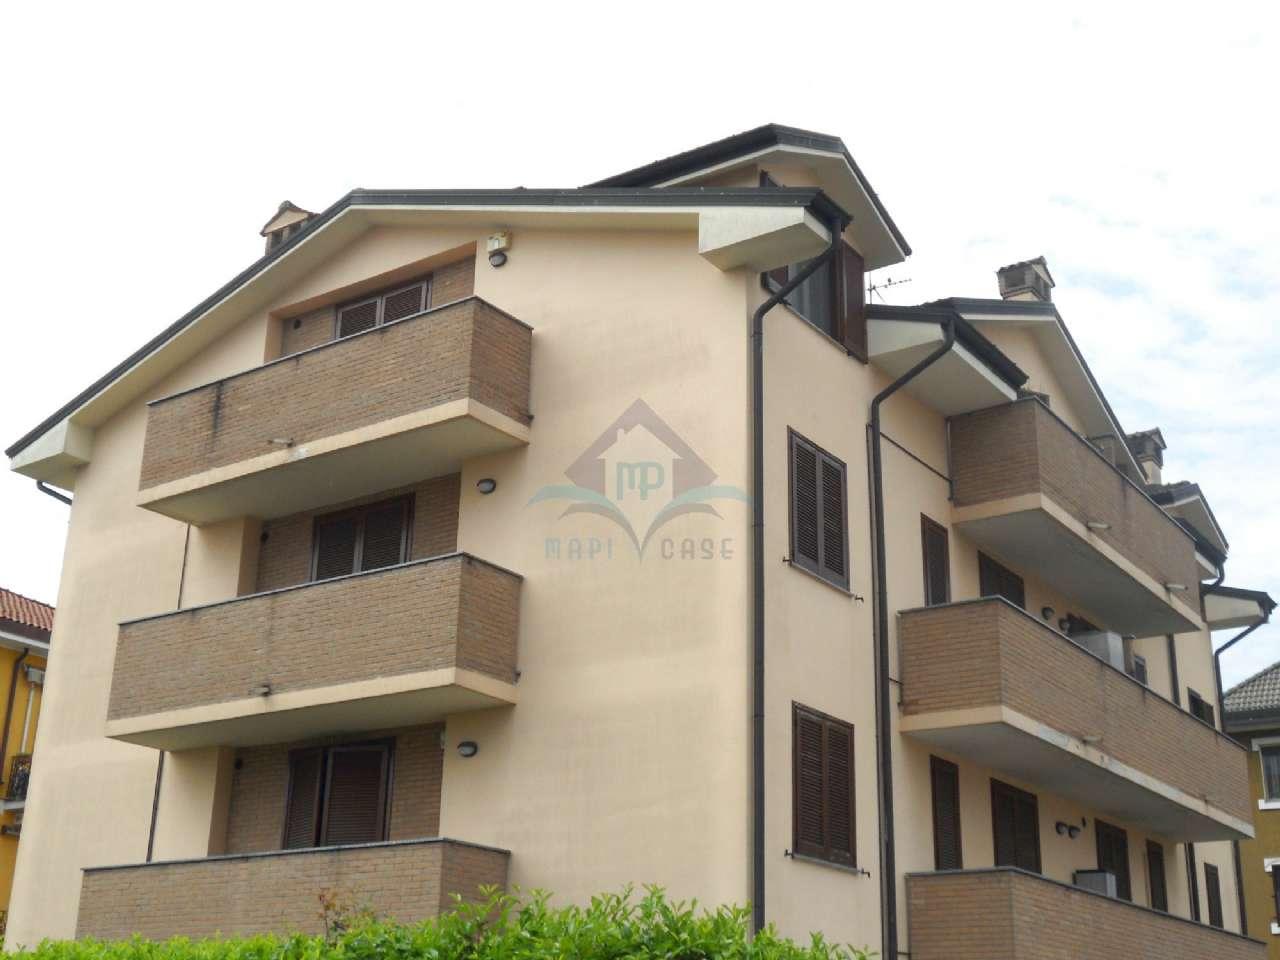 Appartamento in vendita a Melegnano, 1 locali, prezzo € 75.000   CambioCasa.it